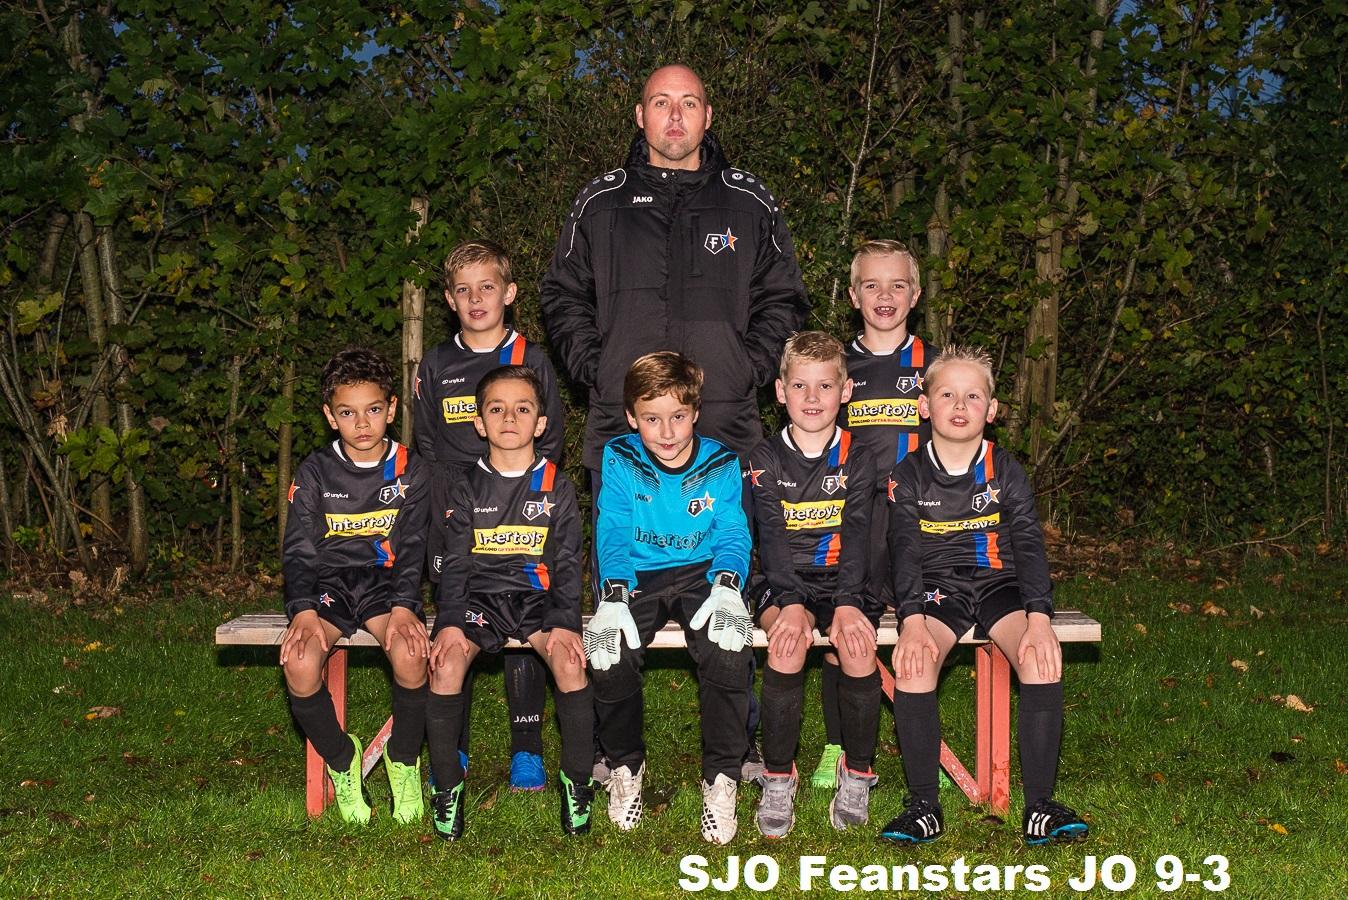 SJO Feanstars JO 9-3